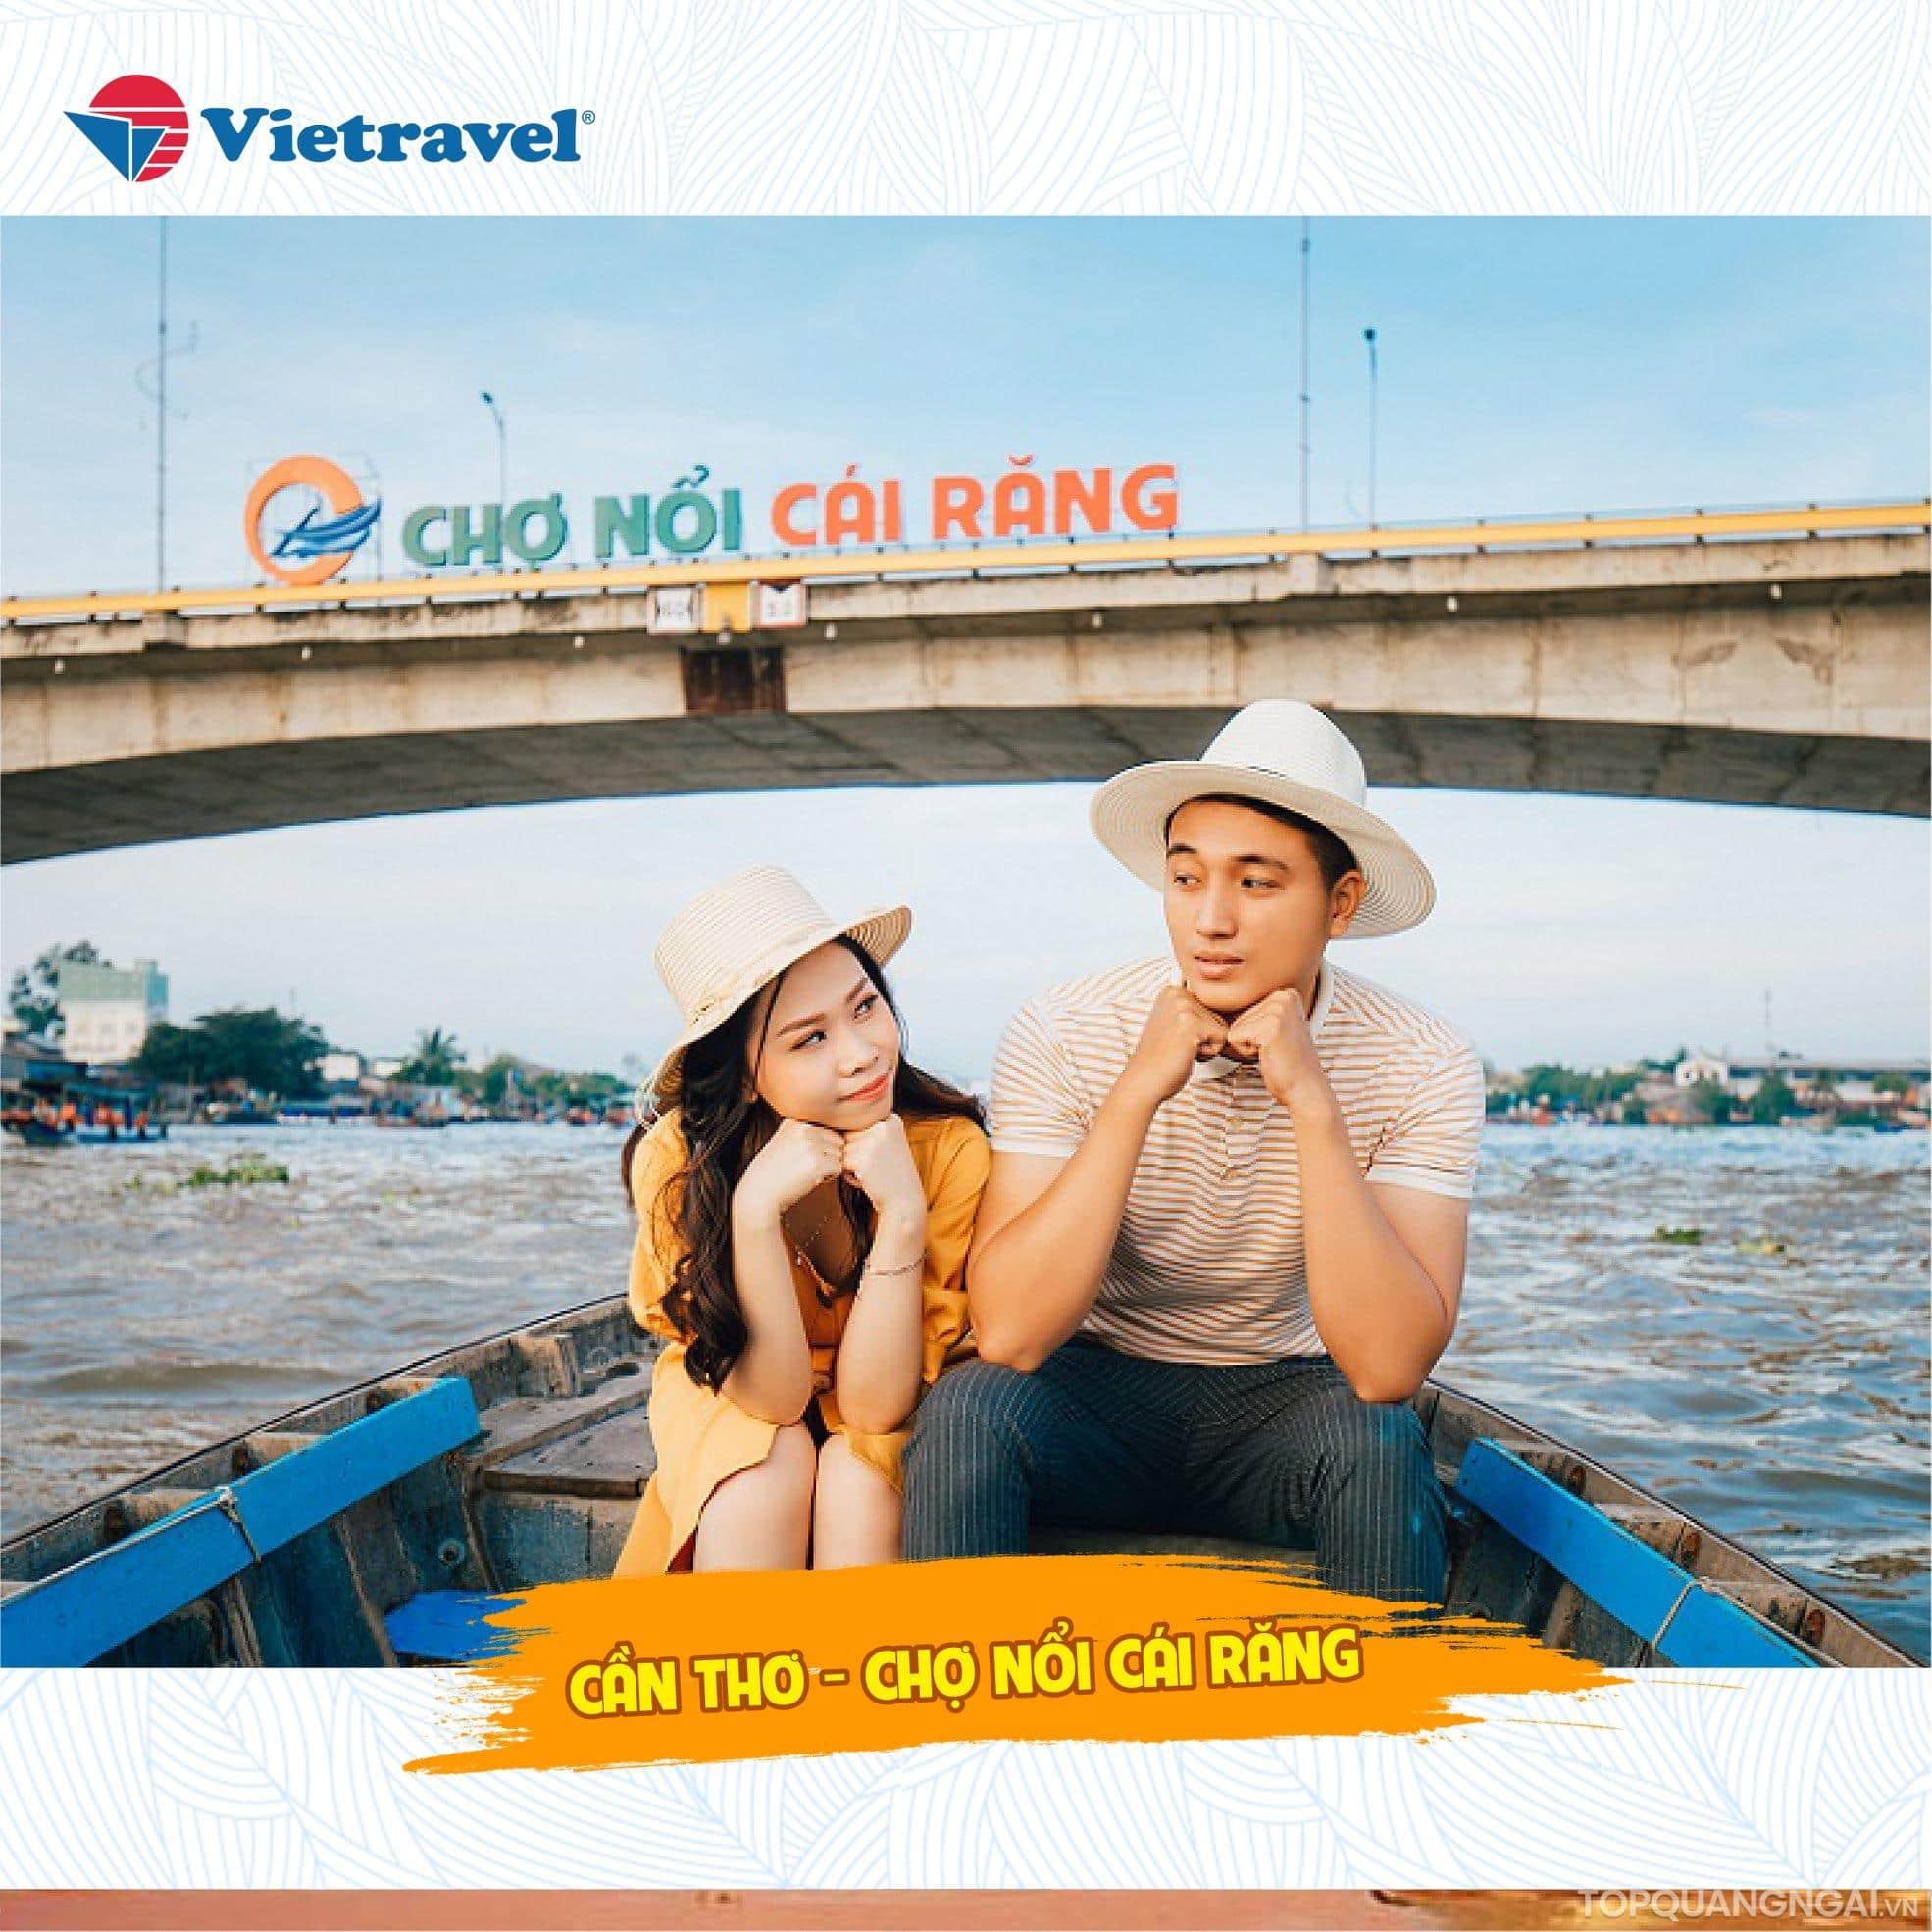 công ty du lịch uy tín ở Quảng Ngãi